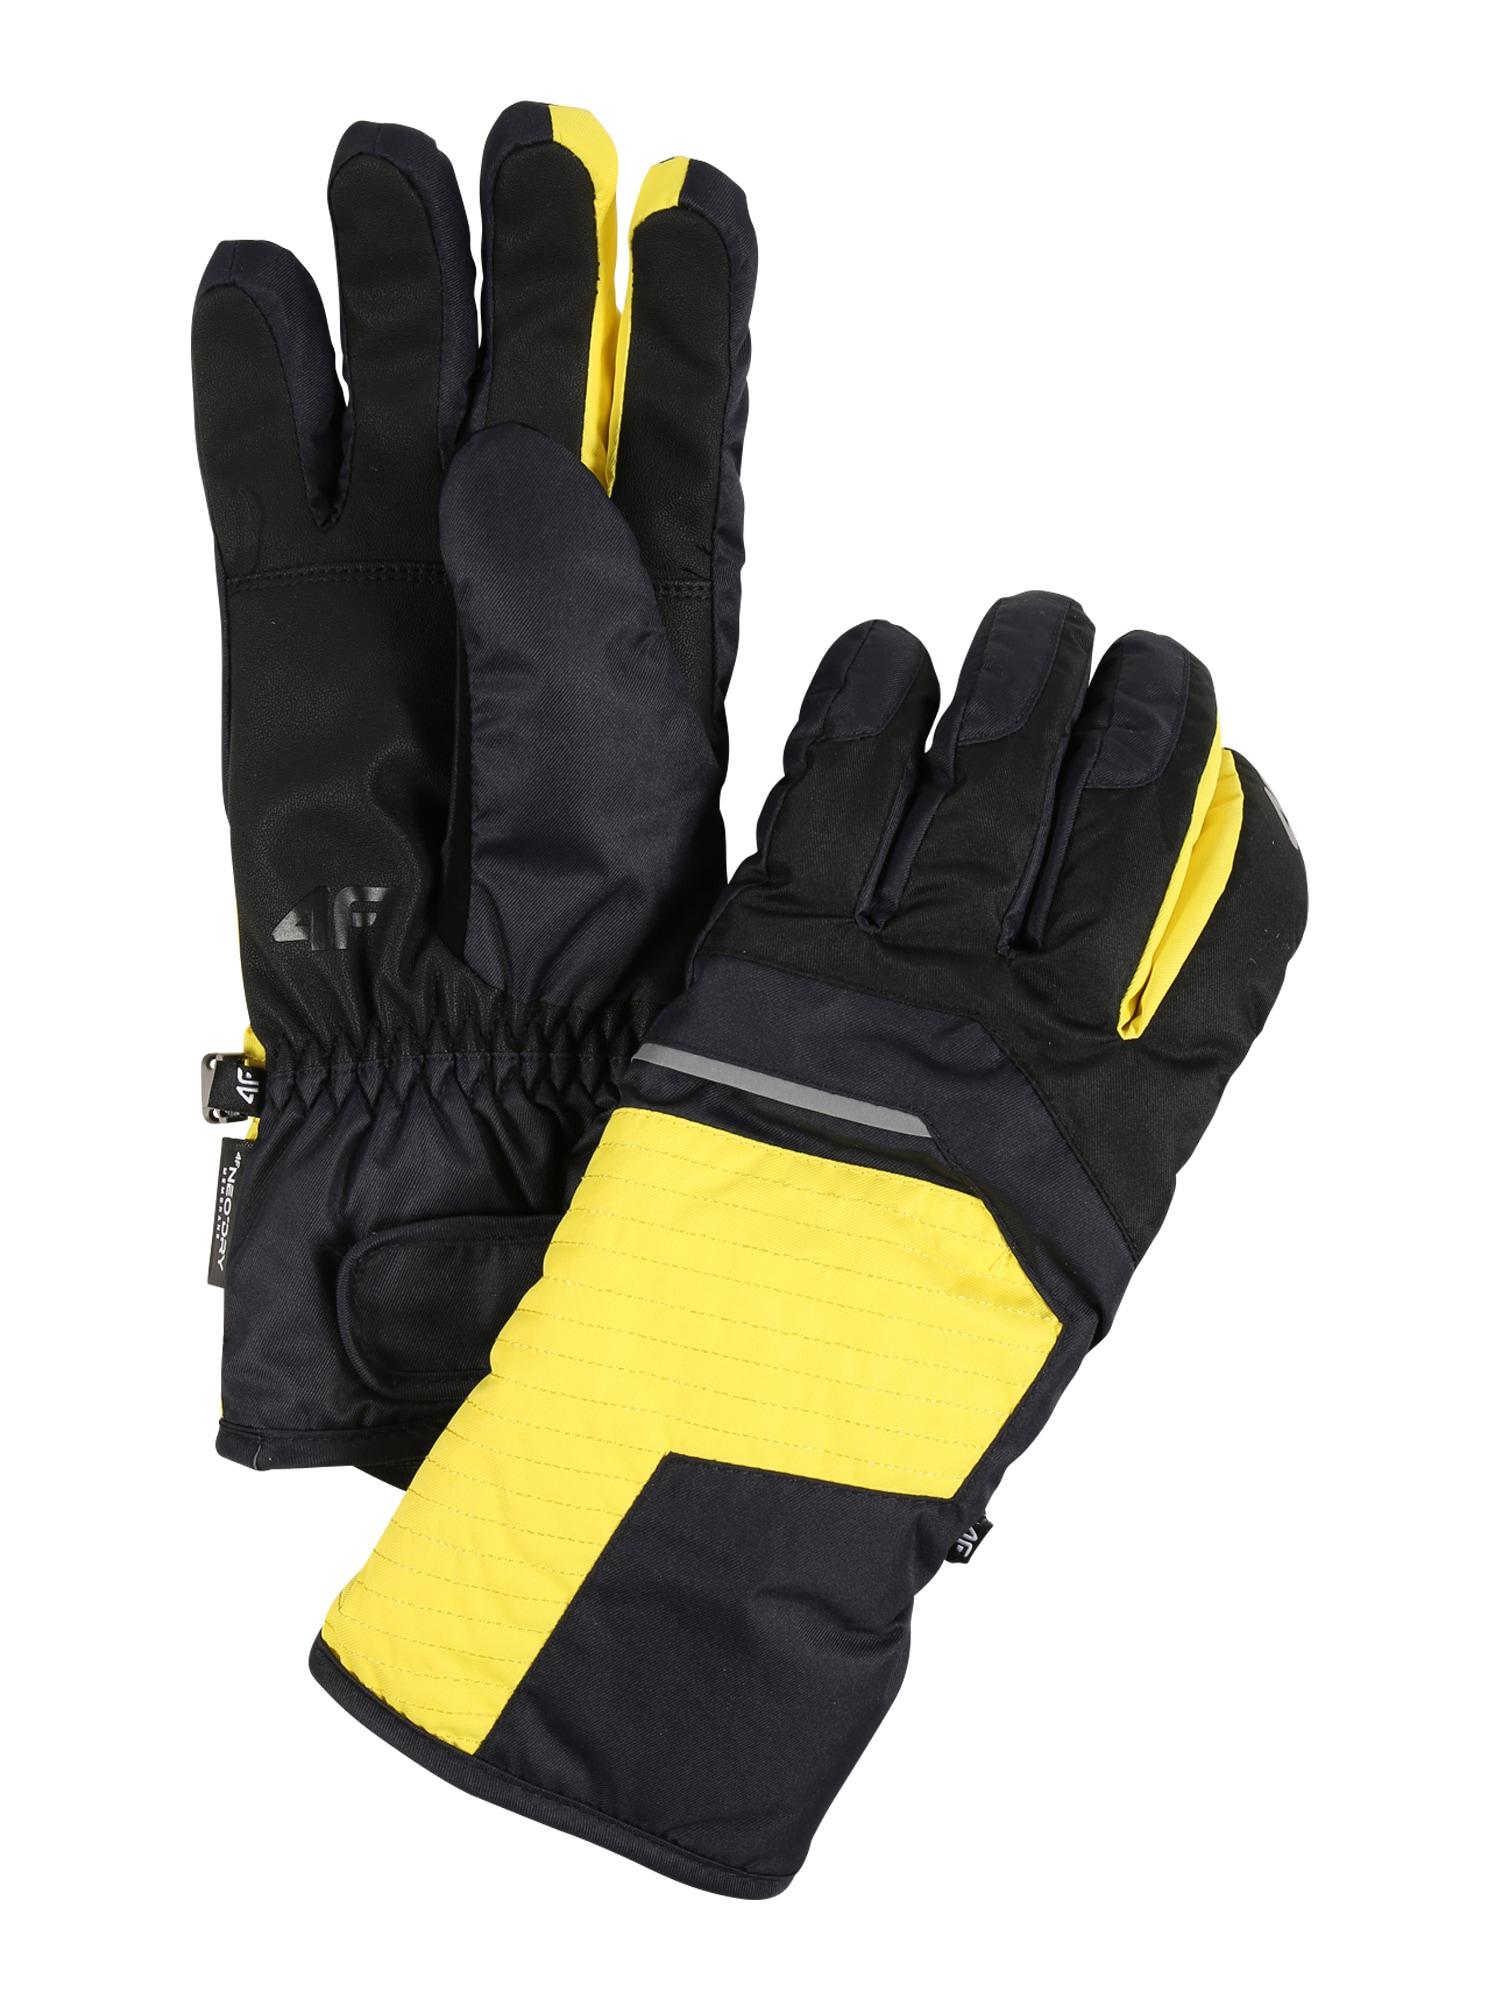 4F Sportinės pirštinės antracito / geltona